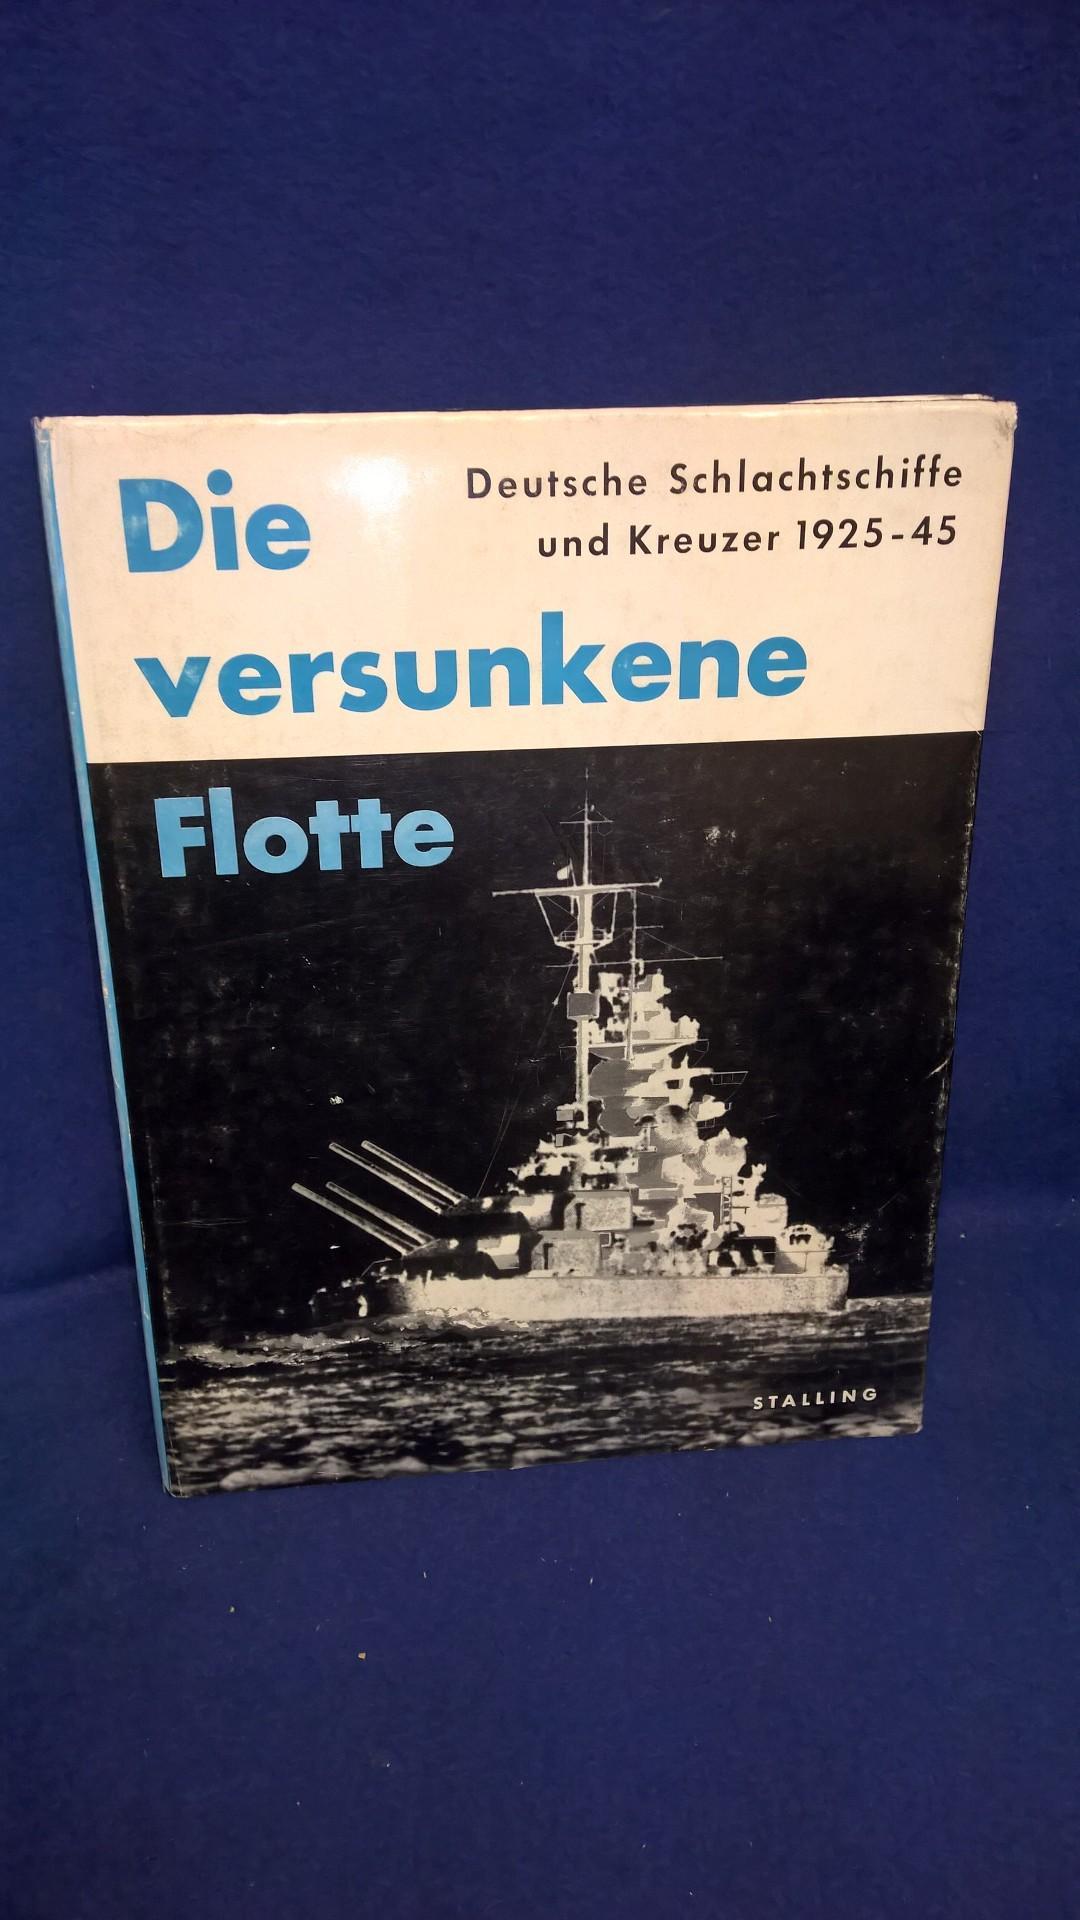 Germany Navy Ship Book Kriegsschiffsverluste Der Fremden Flotten In Welkrieg Maritime Price Guides & Publications